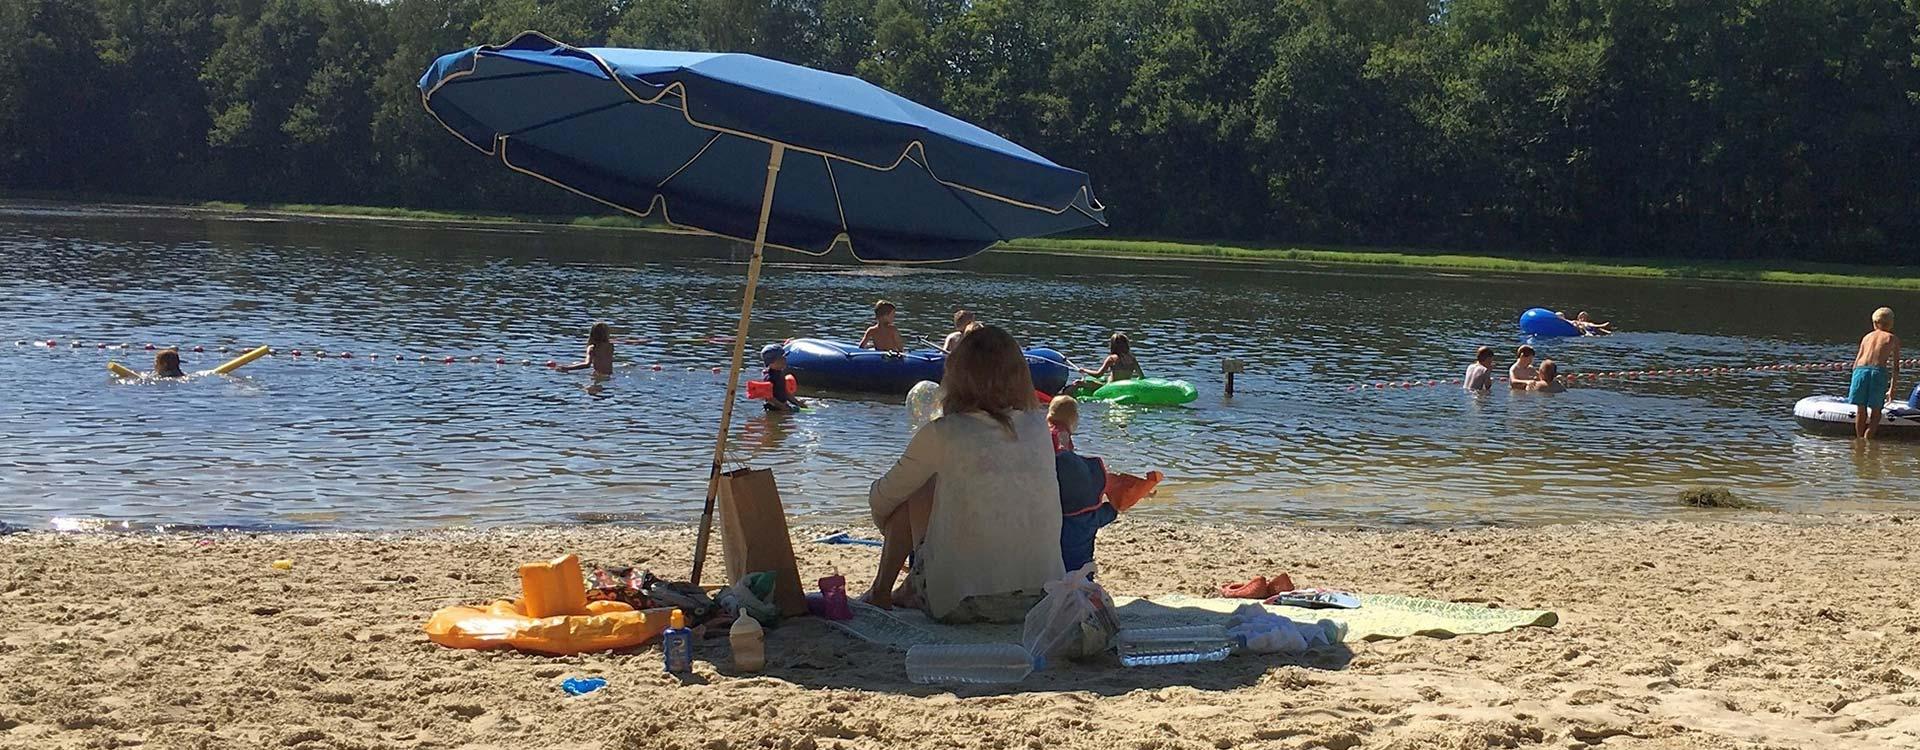 camping-de-vledders-kamperen-aan-het-strand